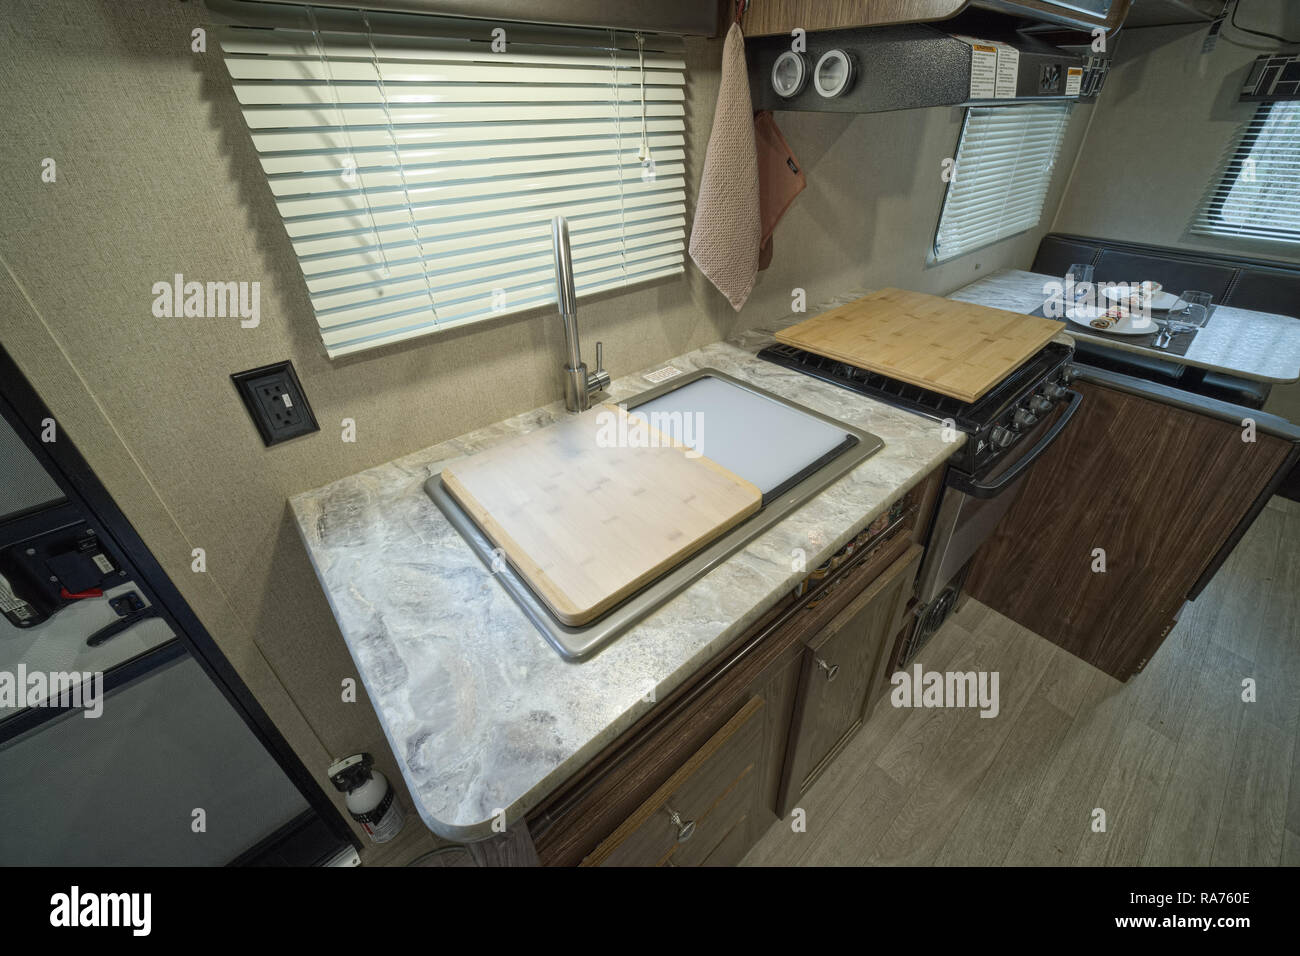 À l'intérieur de RV, roulottes. Les puits avec couvercles. Coin cuisine à l'intérieur de RV Photo Stock